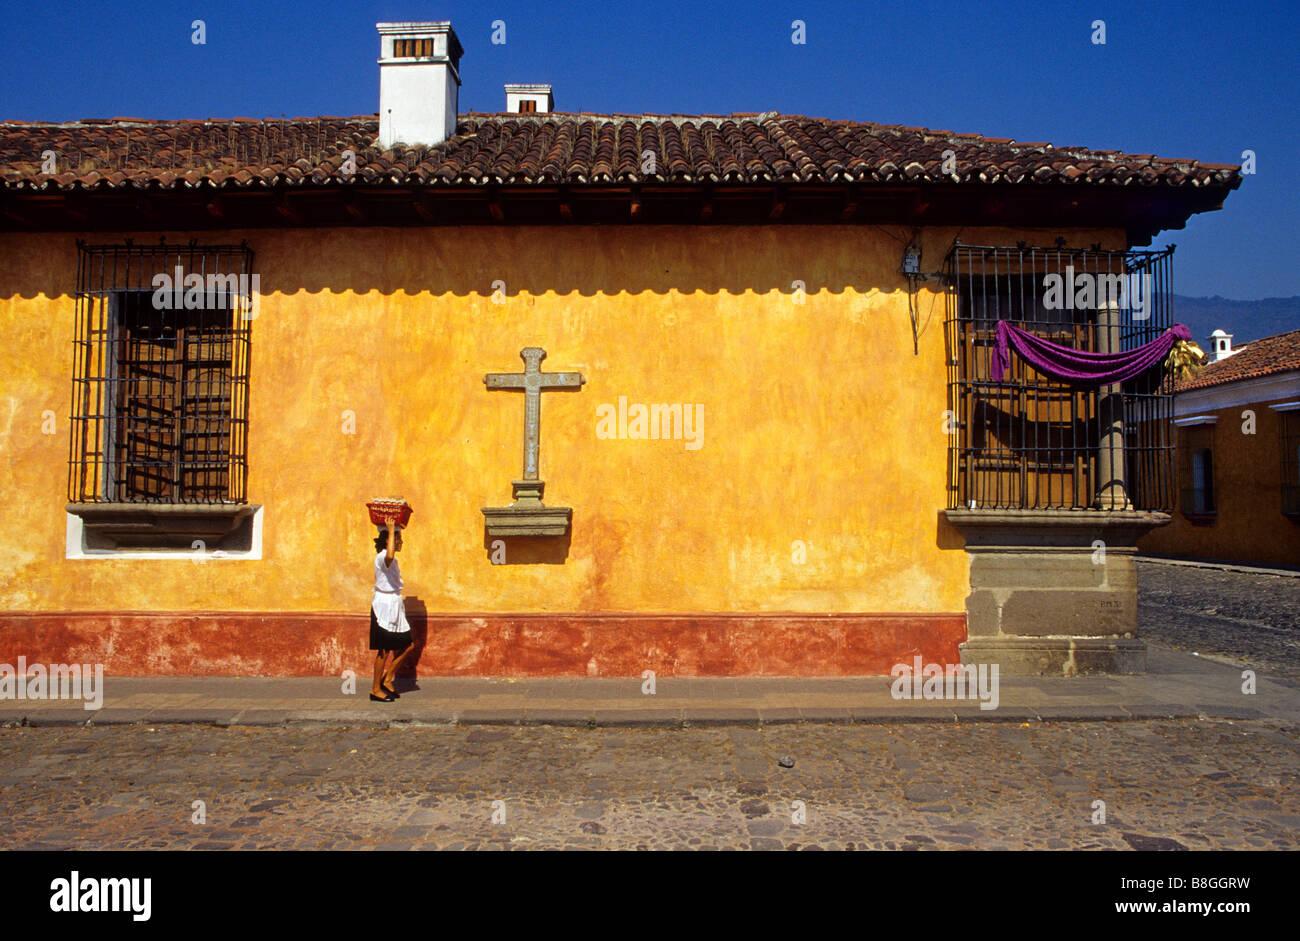 La arquitectura colonial española en las calles de La Antigua Guatemala, Sacatepéquez región Guatemala Imagen De Stock